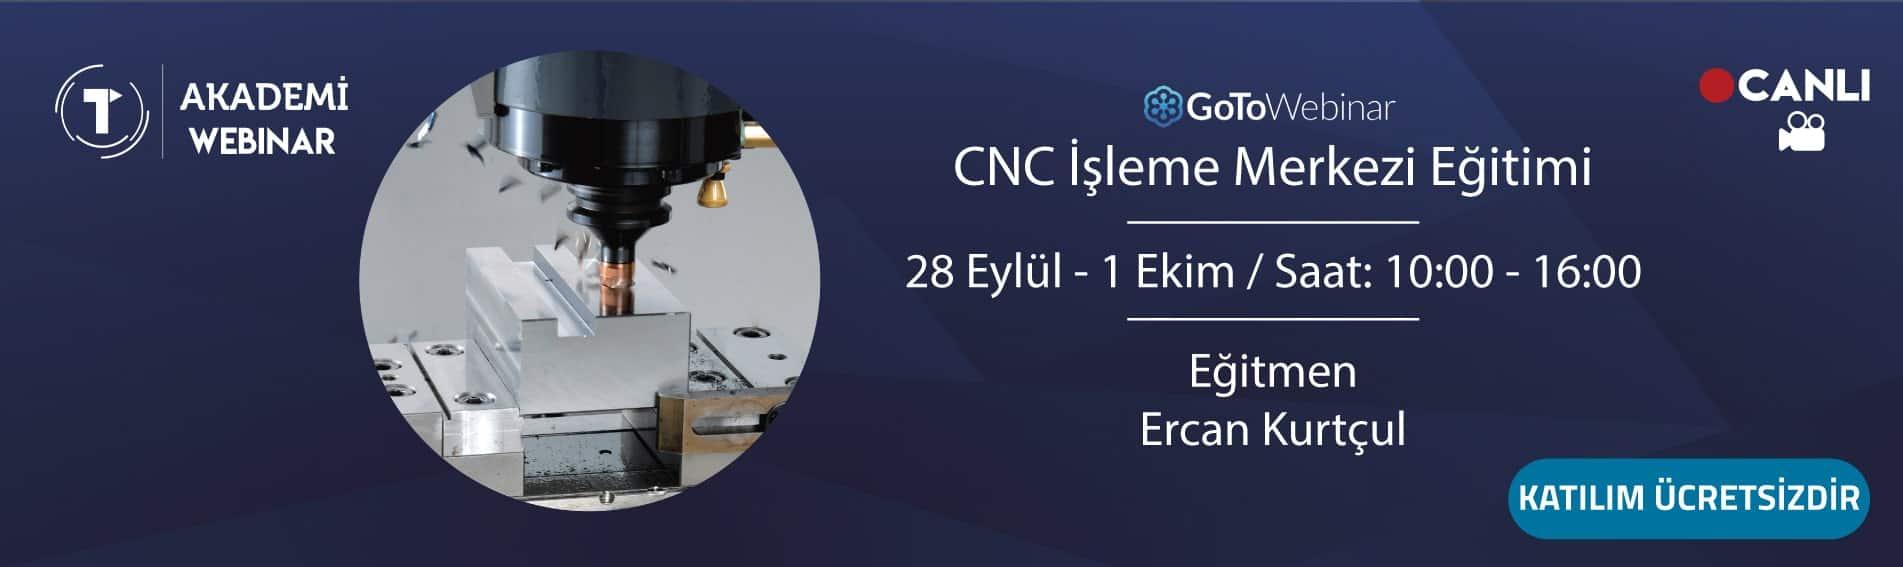 CNC İşleme Merkezi Eğitimi 28-1 Ekim